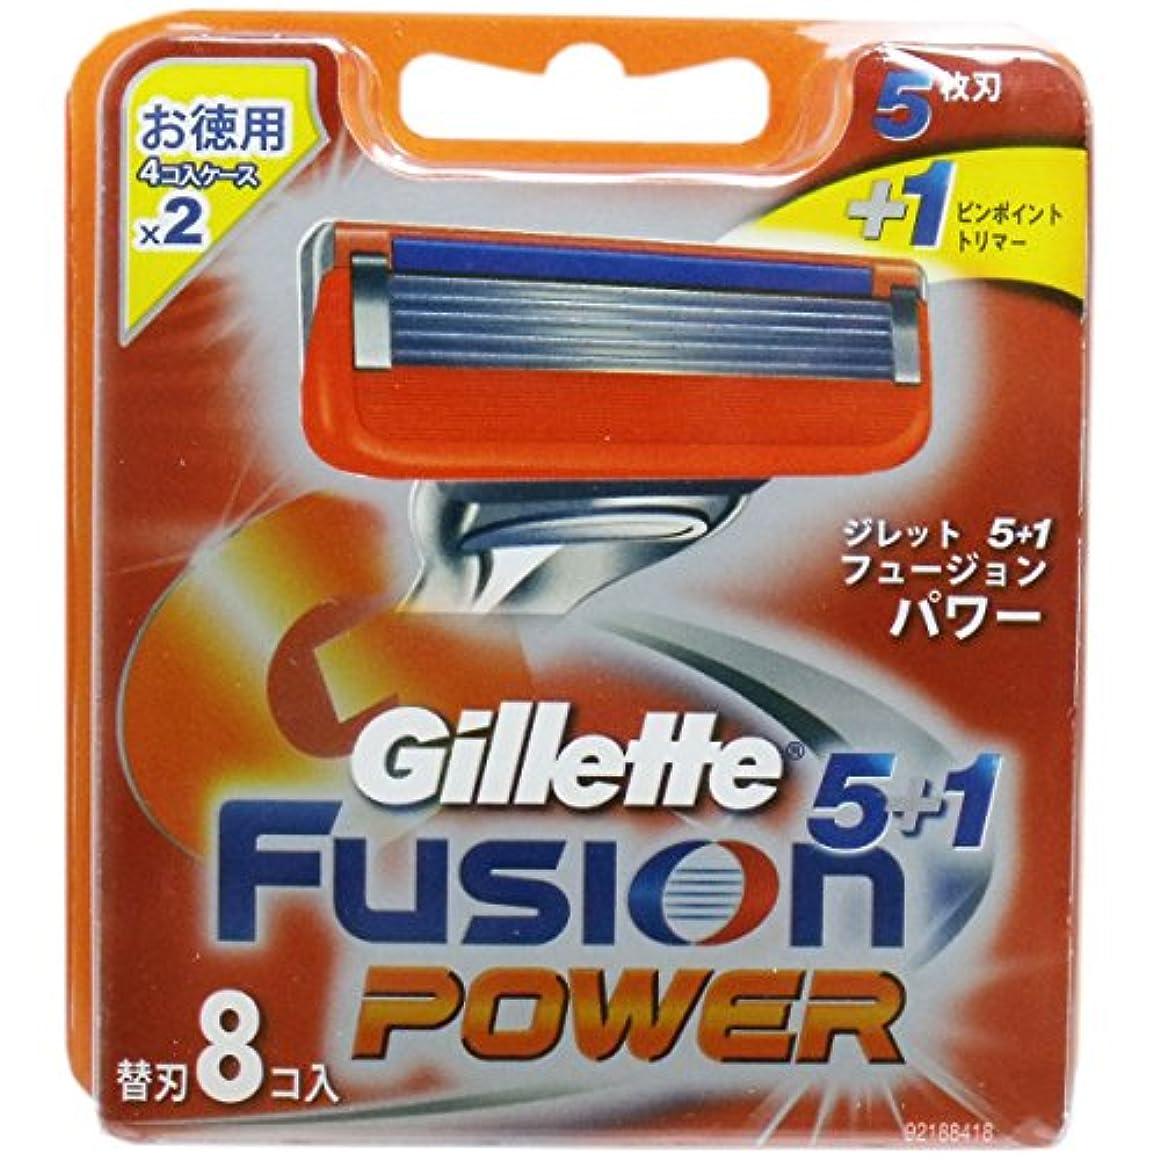 付添人稚魚環境に優しいジレット フュージョン5+1 パワー 替刃8個入(単品)